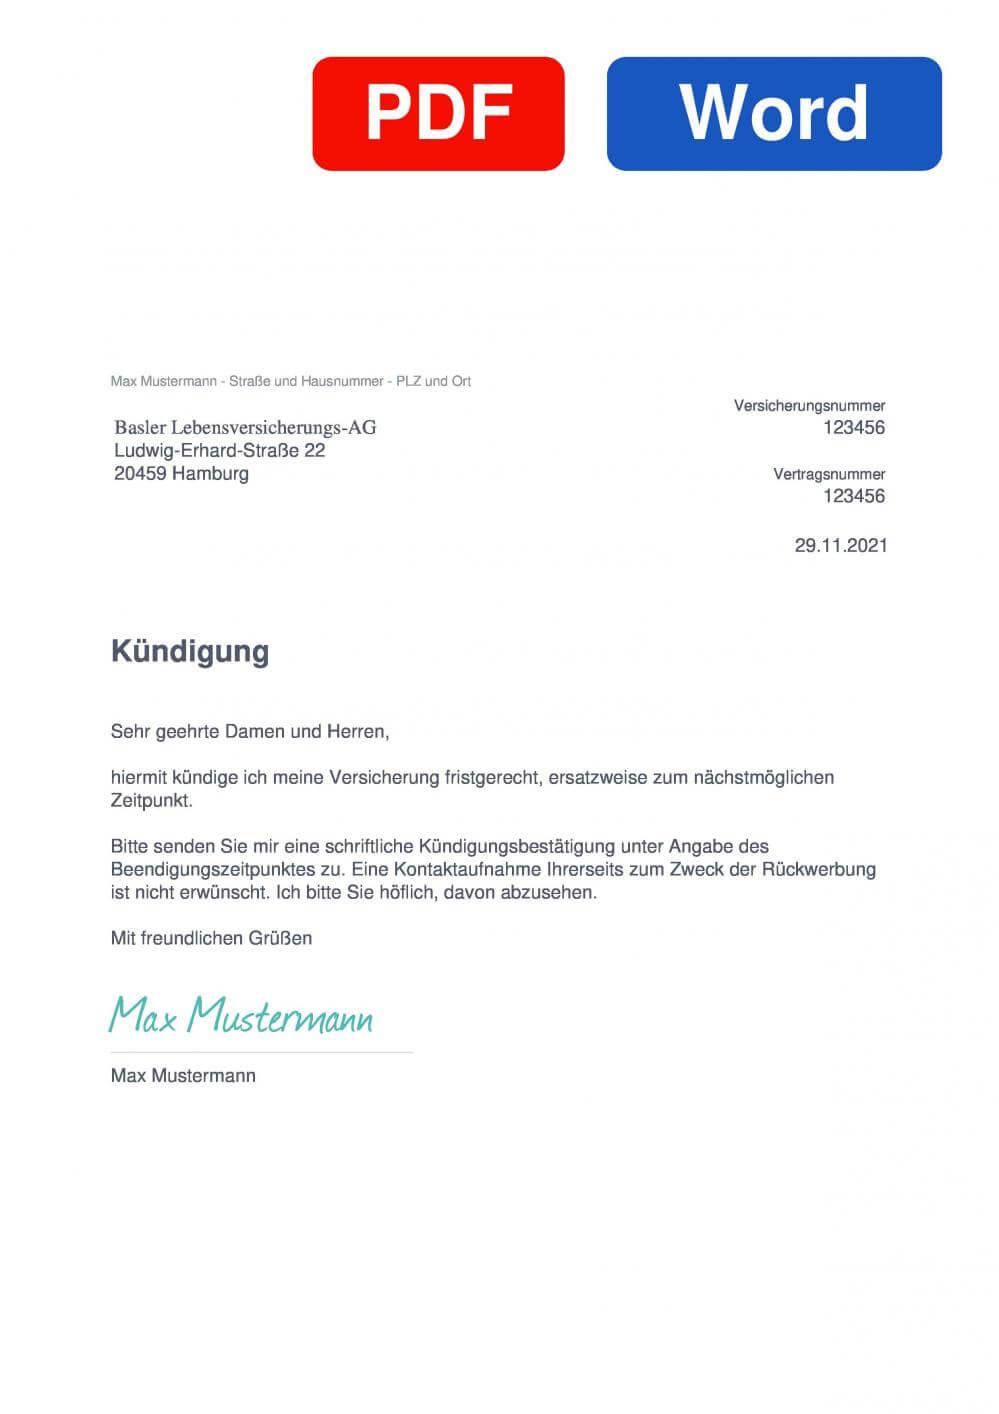 Basler Lebensversicherung Muster Vorlage für Kündigungsschreiben